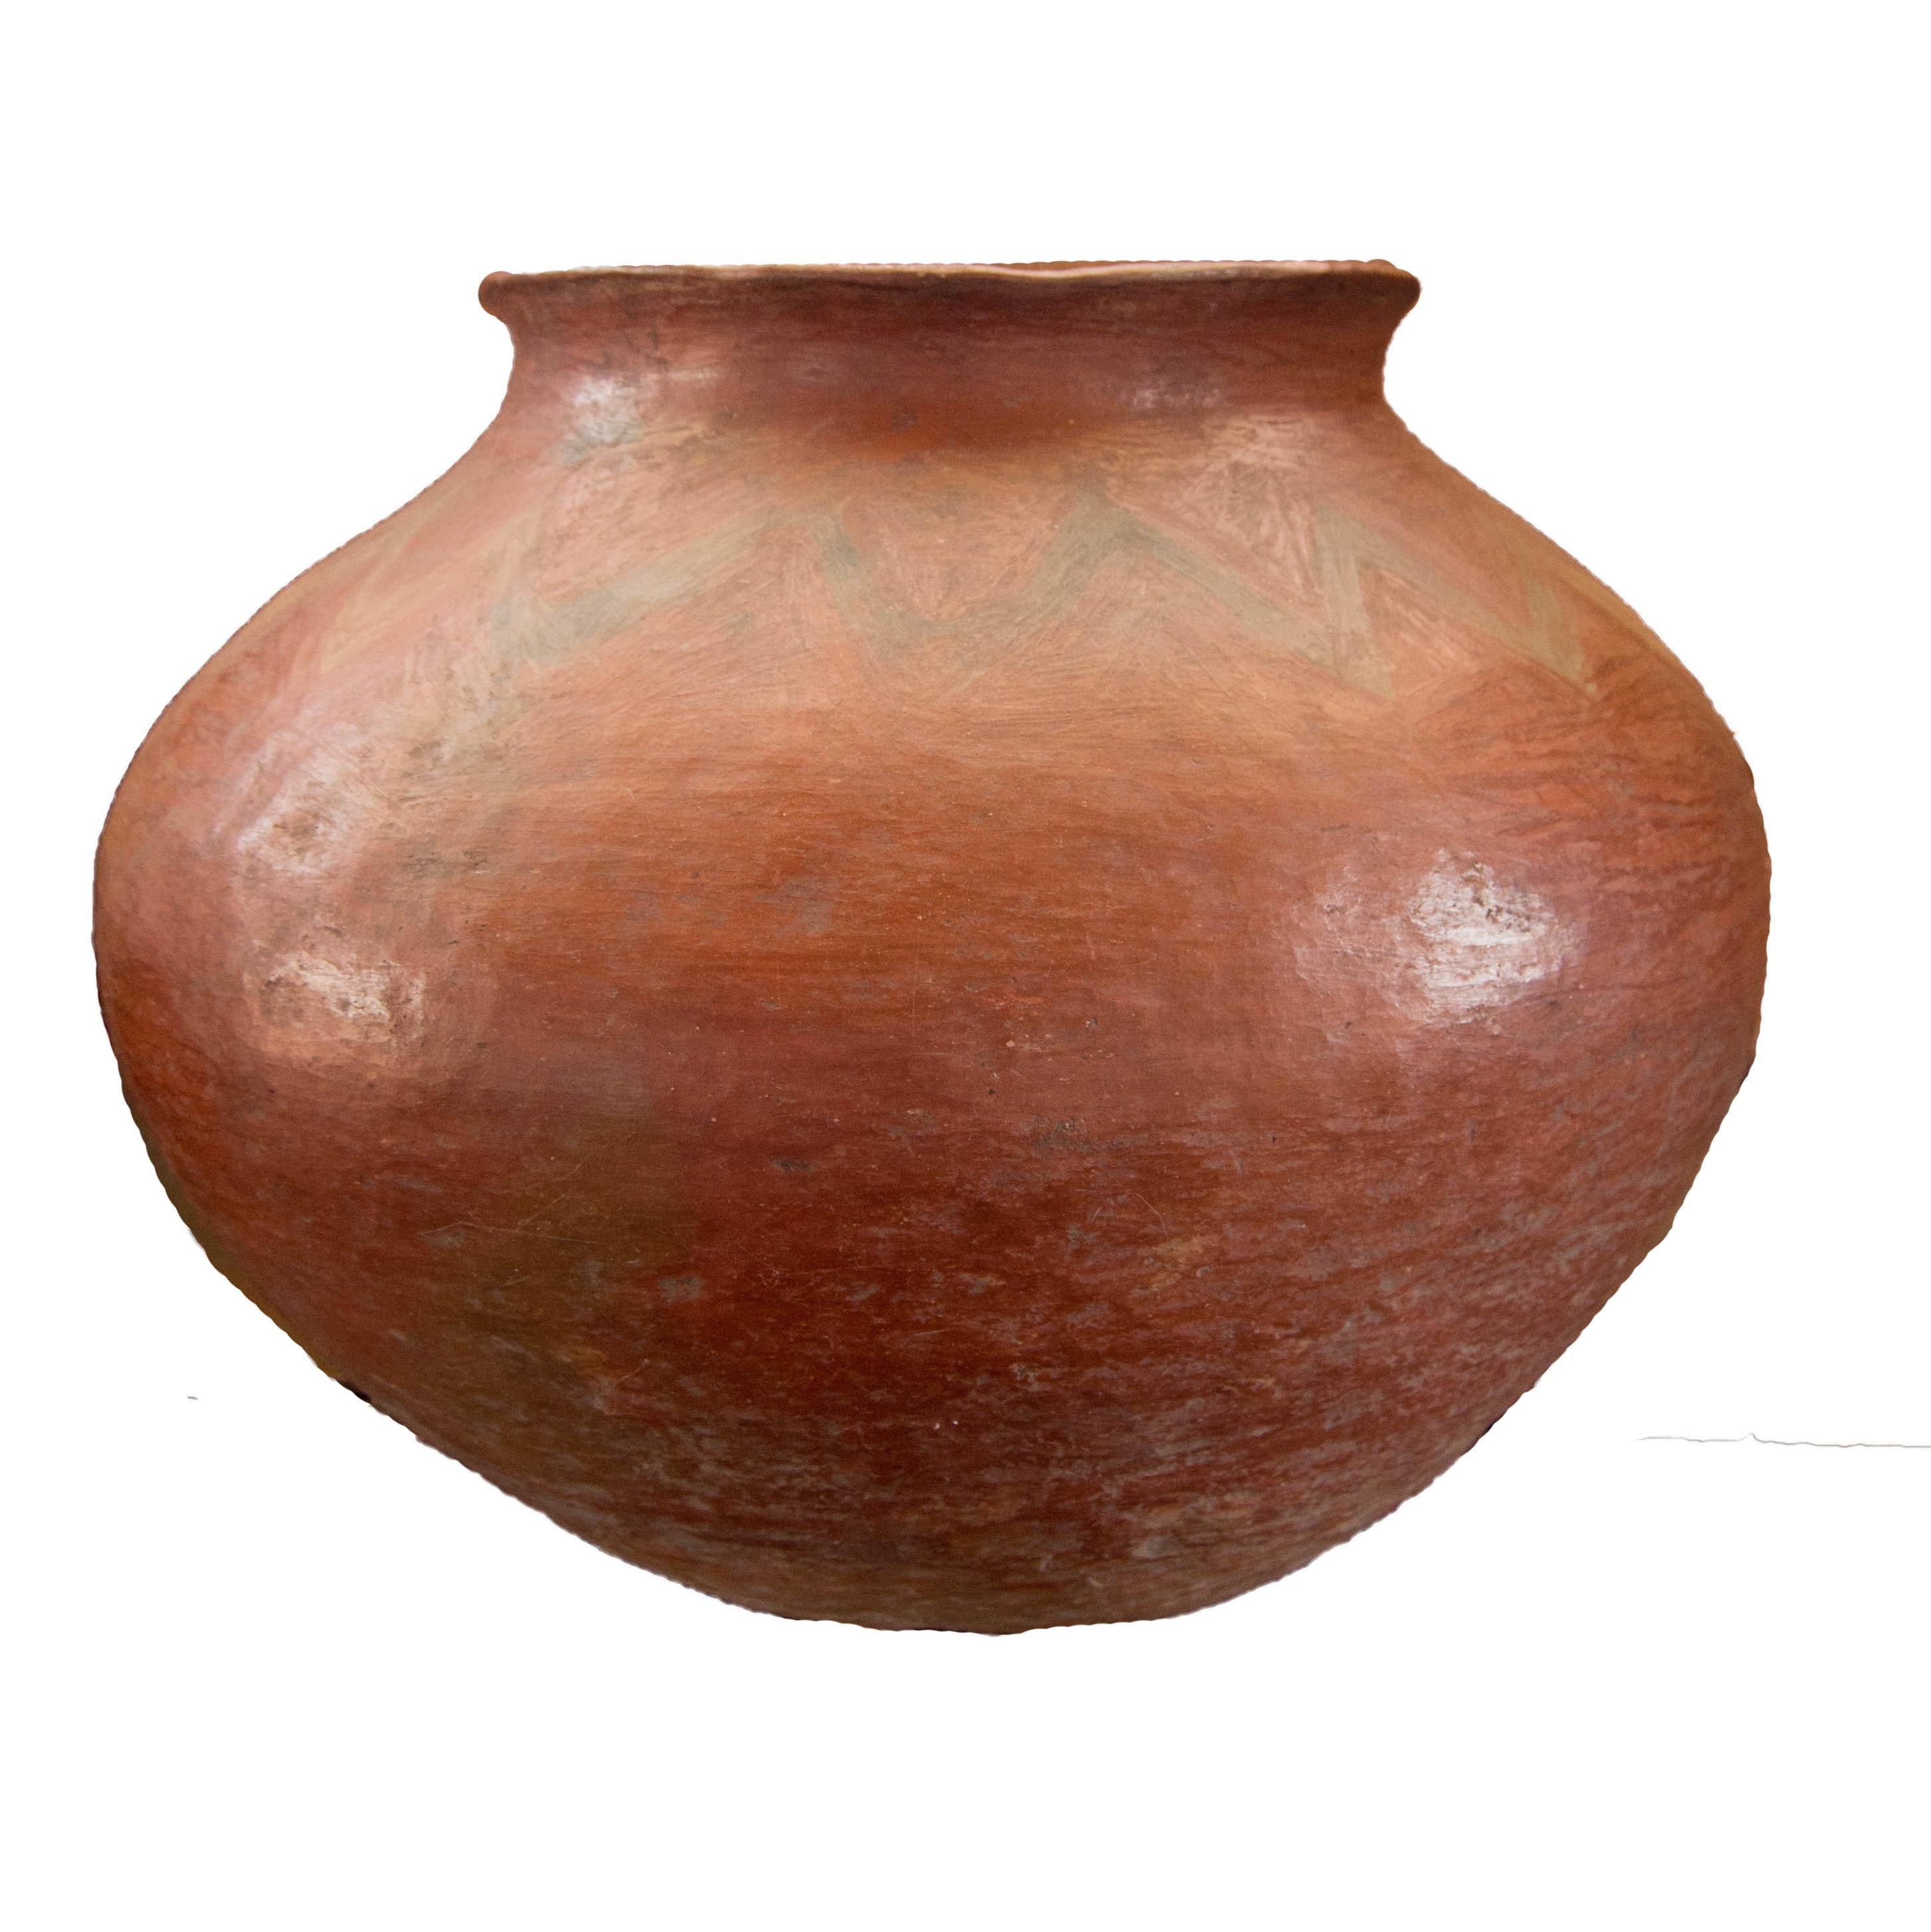 Large Antique Vessel